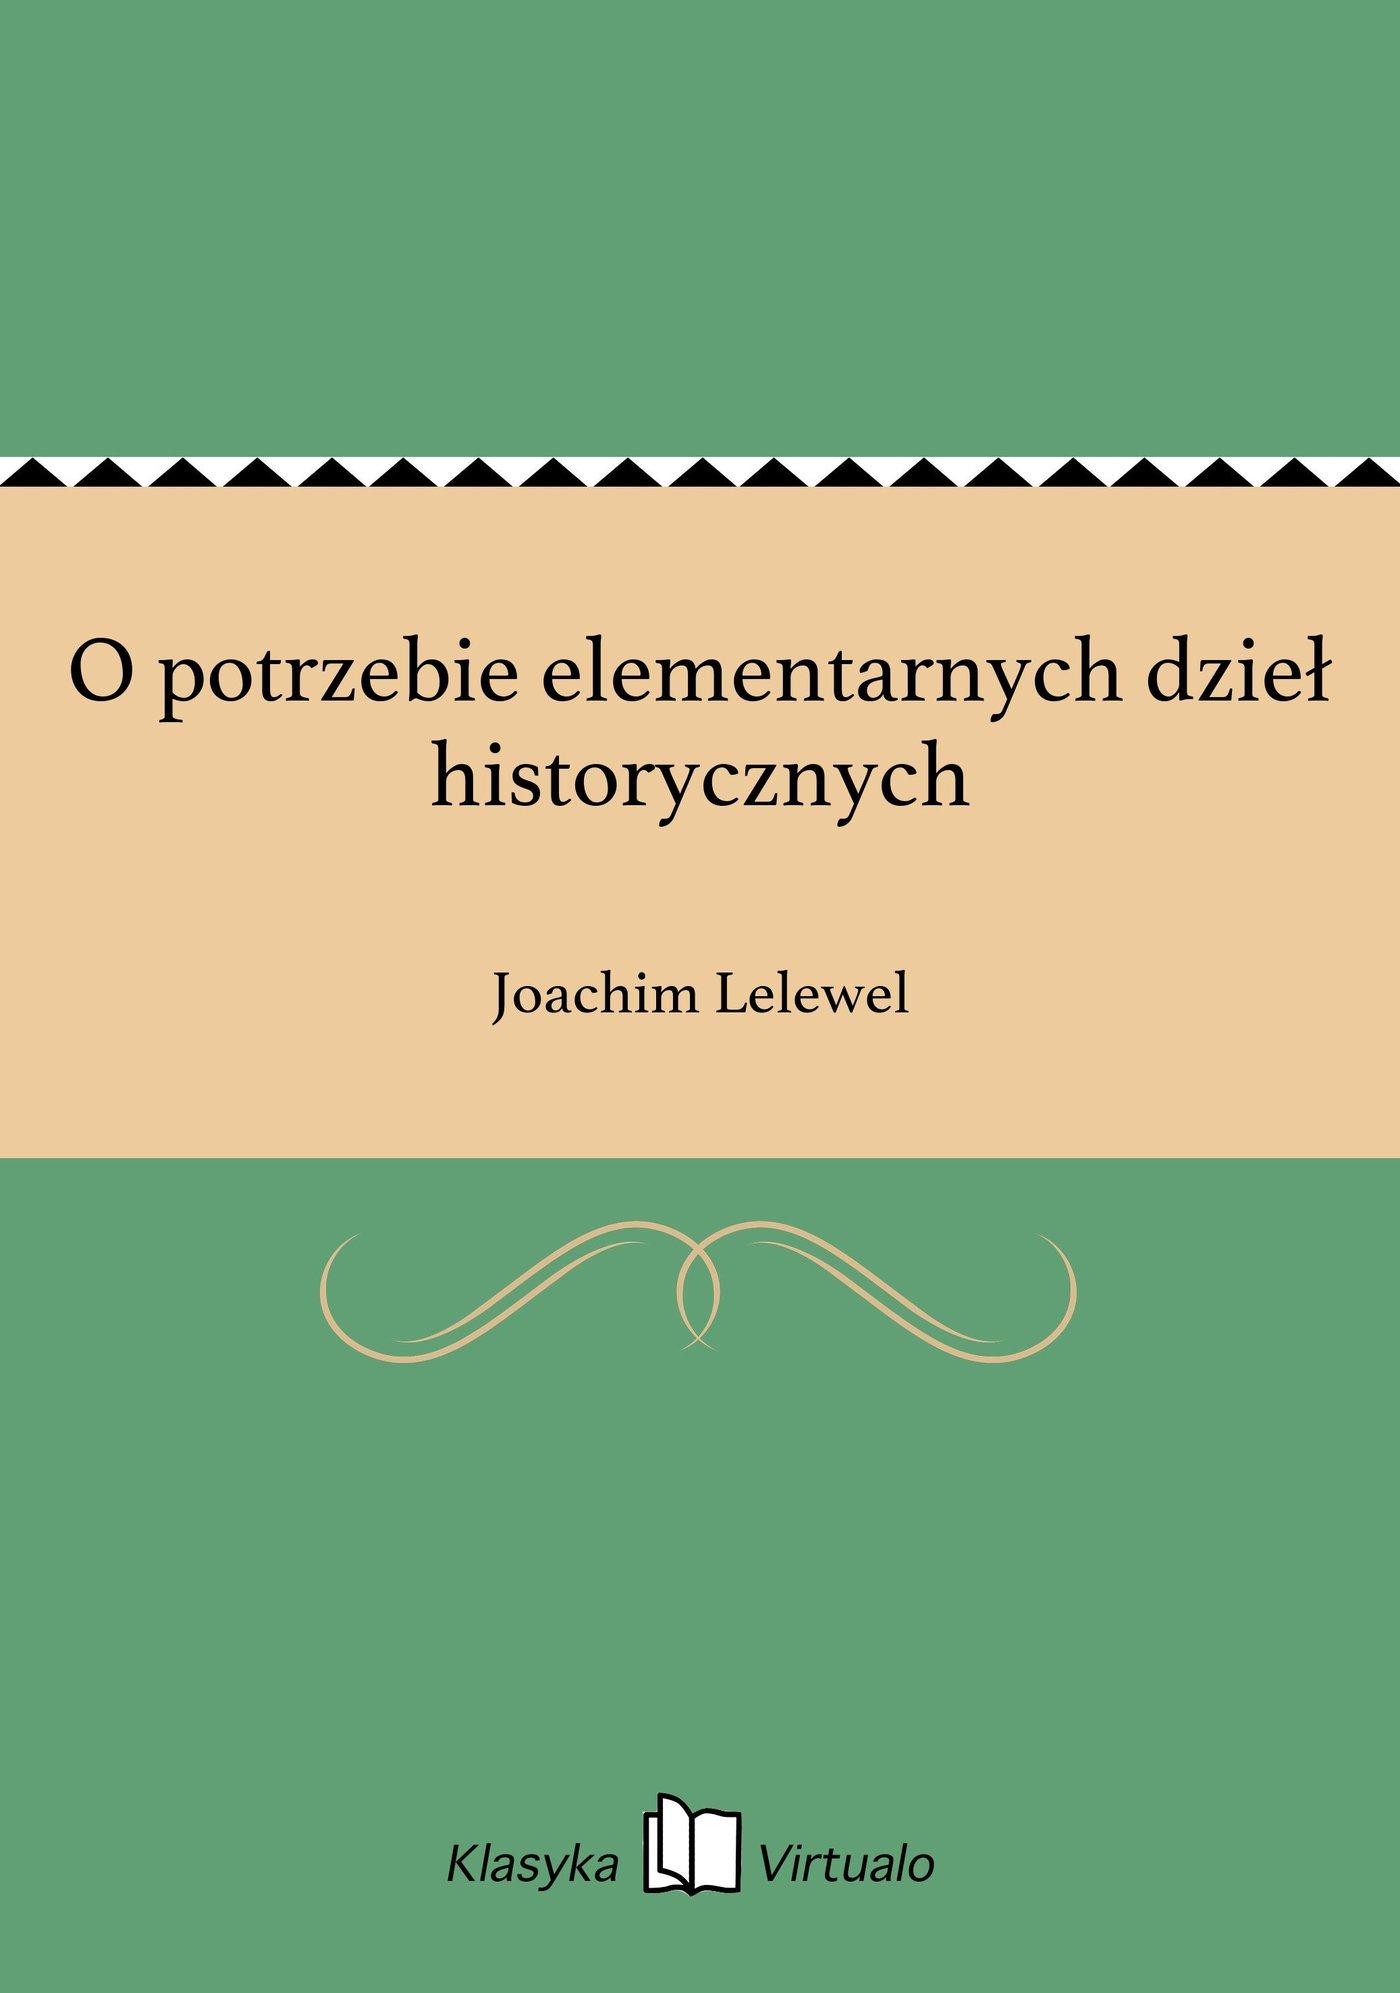 O potrzebie elementarnych dzieł historycznych - Ebook (Książka EPUB) do pobrania w formacie EPUB